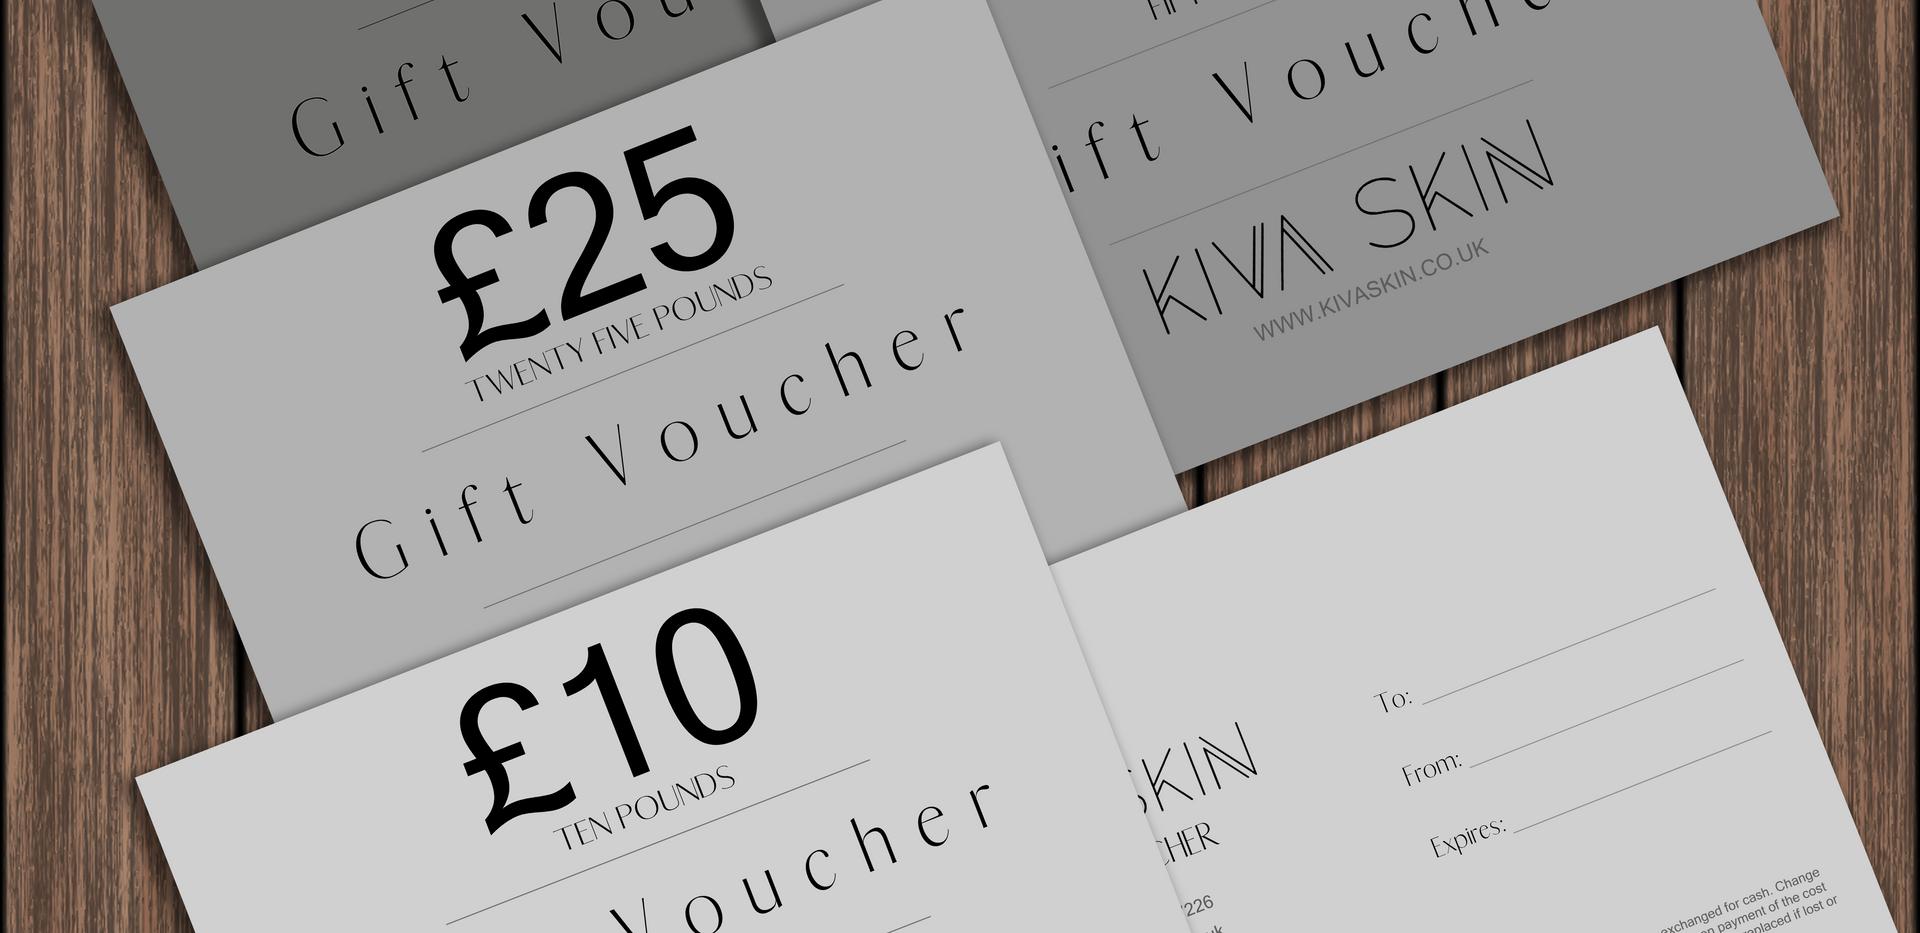 KIVA SKIN Gift Voucher Design mockup